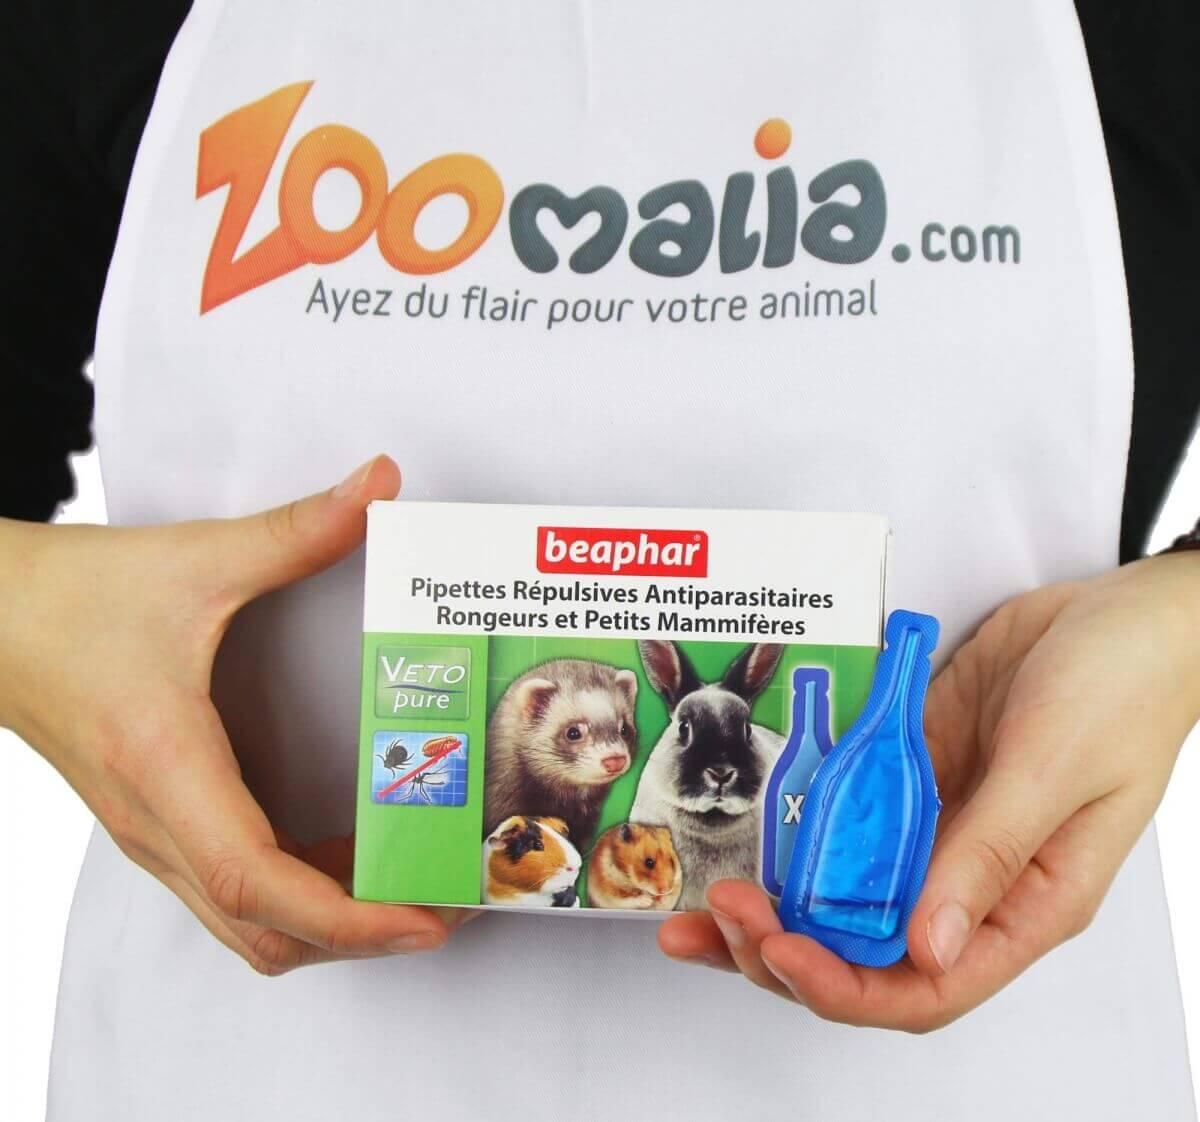 Pipettes répulsives antiparasitaires rongeurs et petits mammifères_2